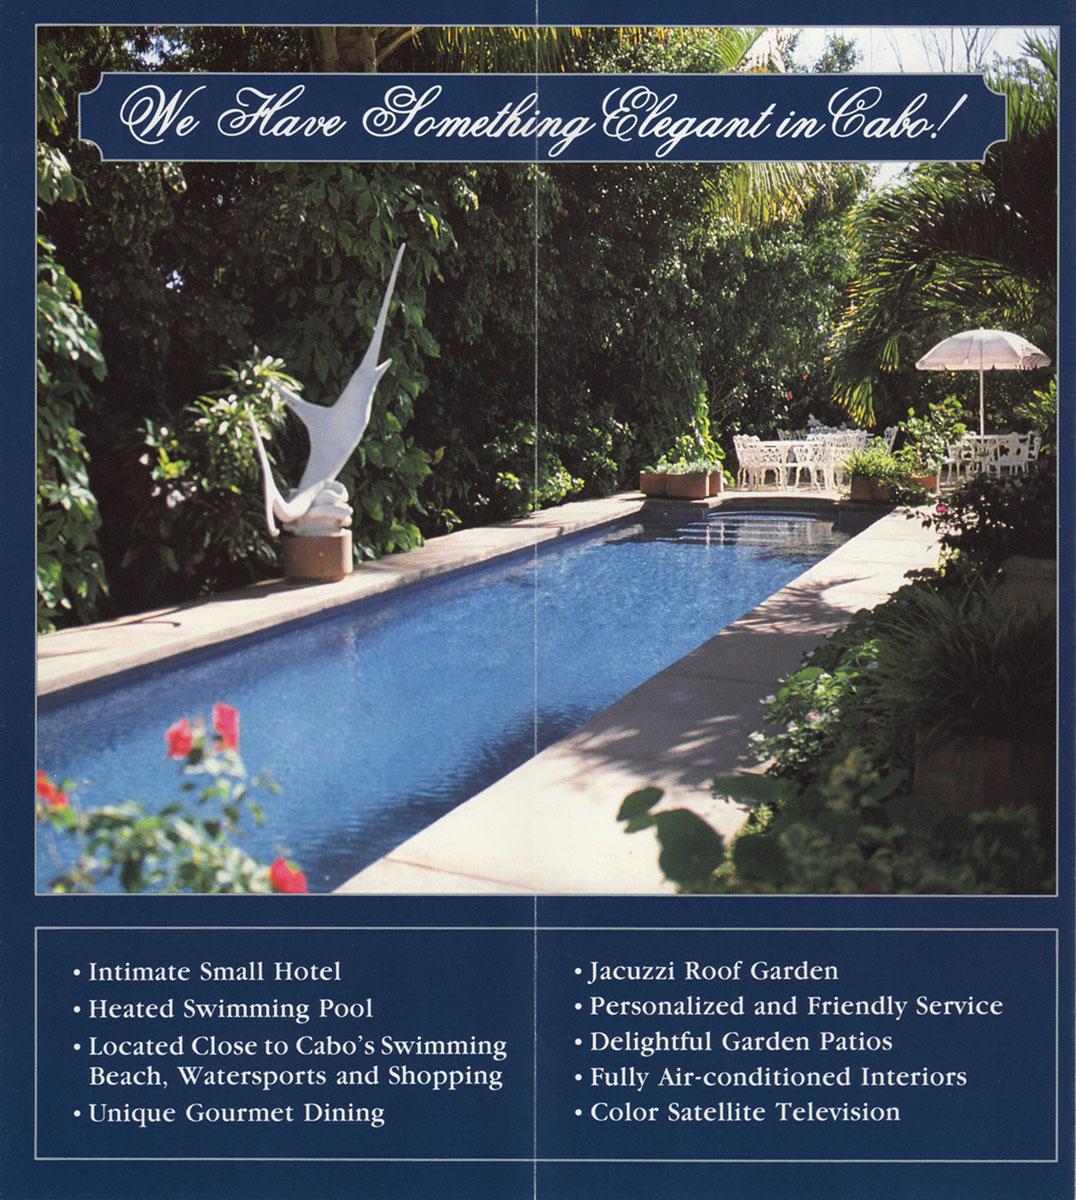 alfonsos-cabo-brochure-1990-2